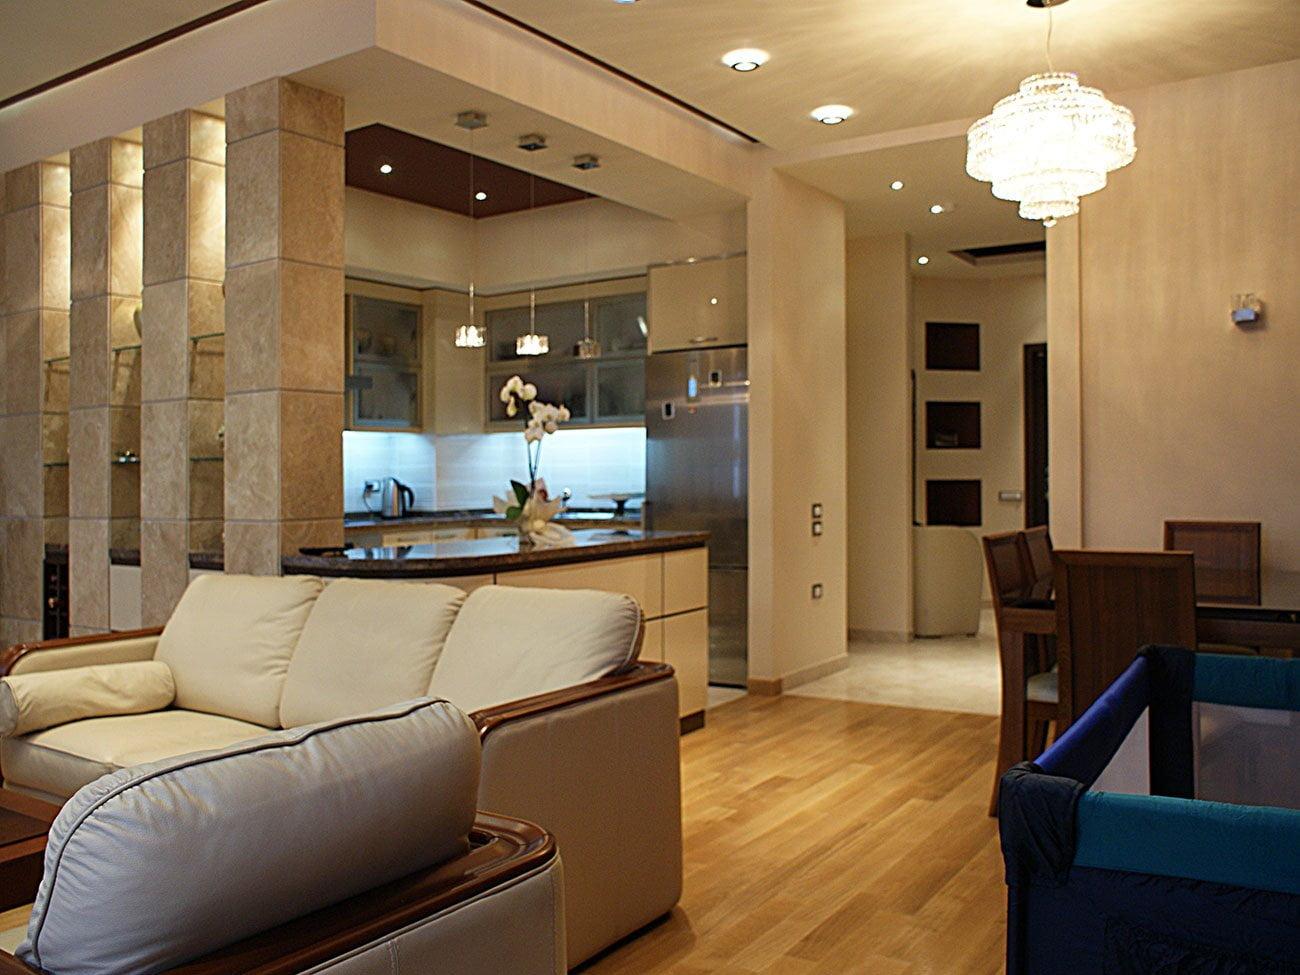 фото гостиной с ТВ зоной, зонированой большими диванами с видом на кухню и холл